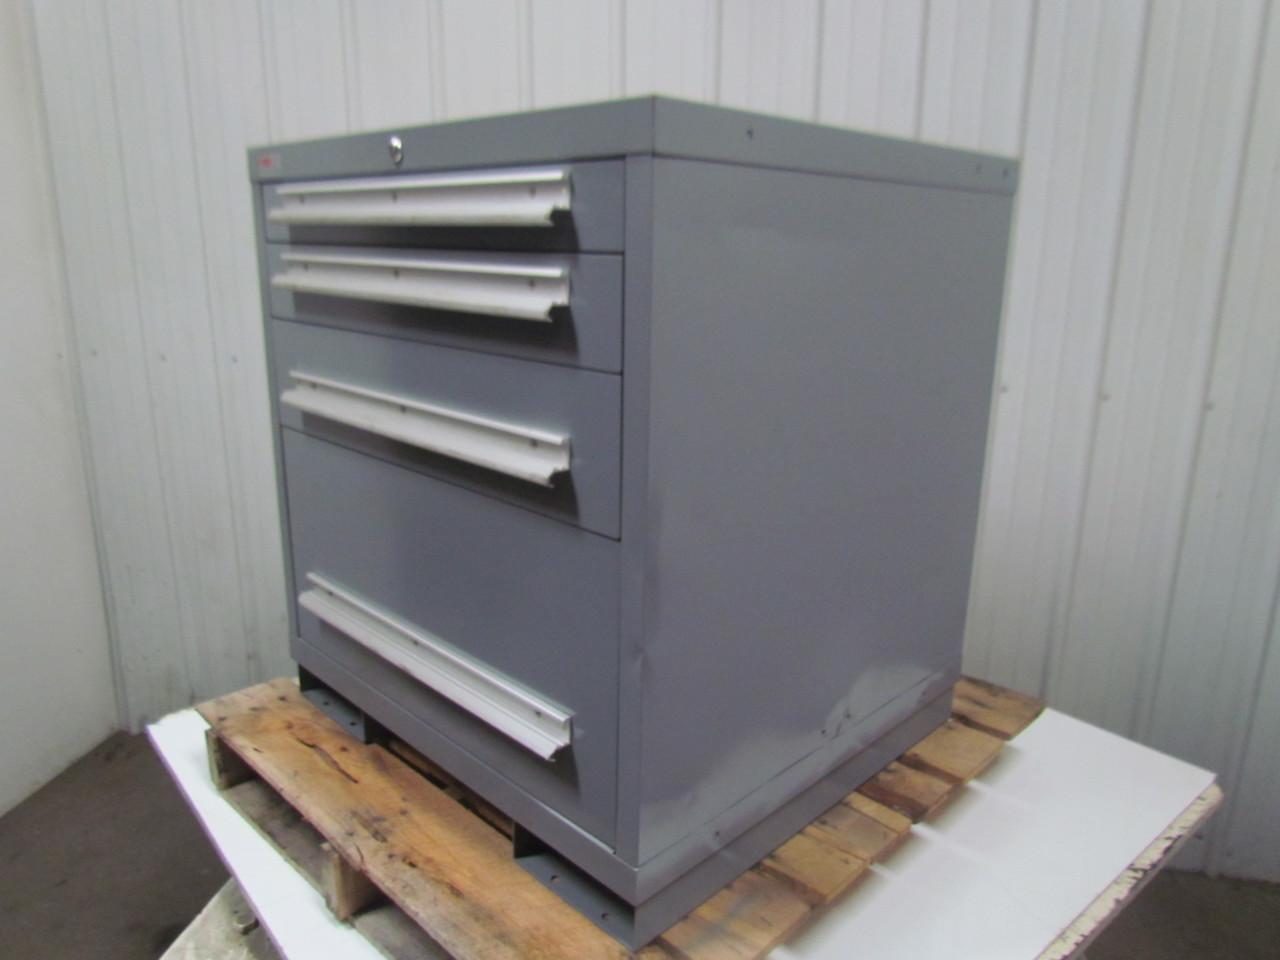 ... Lyon MSS II Safetylink 4 Drawer Industrial Storage Cabinet  30X27 3/4X32